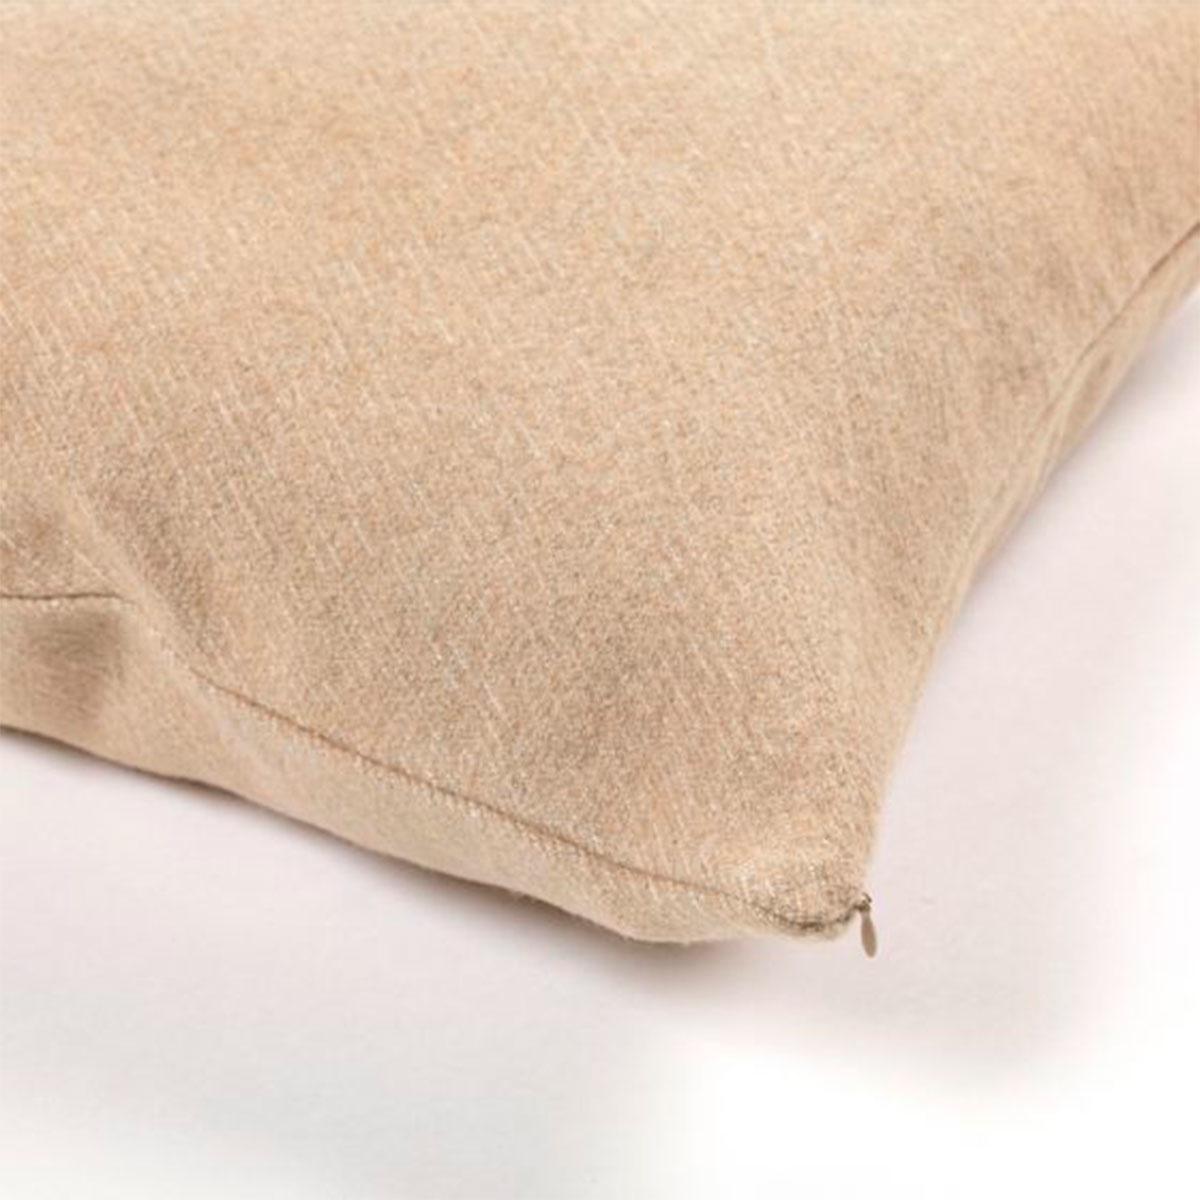 Cushion Cover (lg) - Shetland - Camel-1